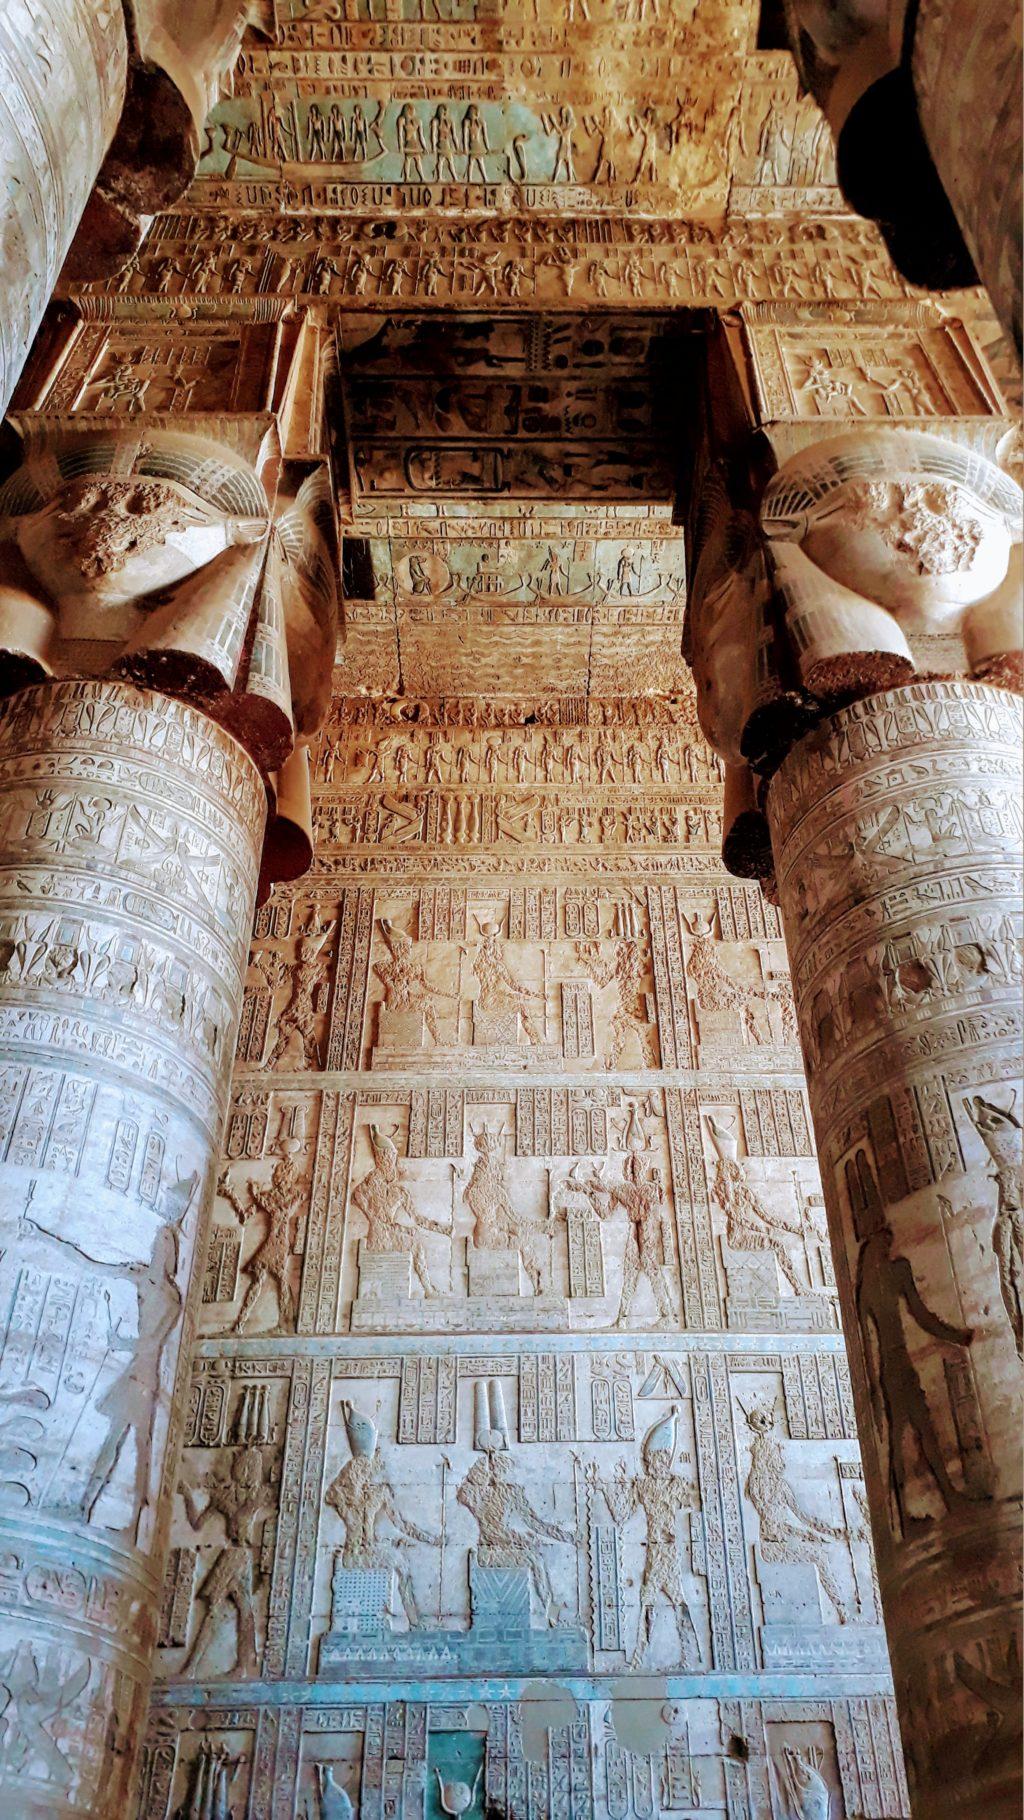 Columnas Hathor en el Templo de Hathor